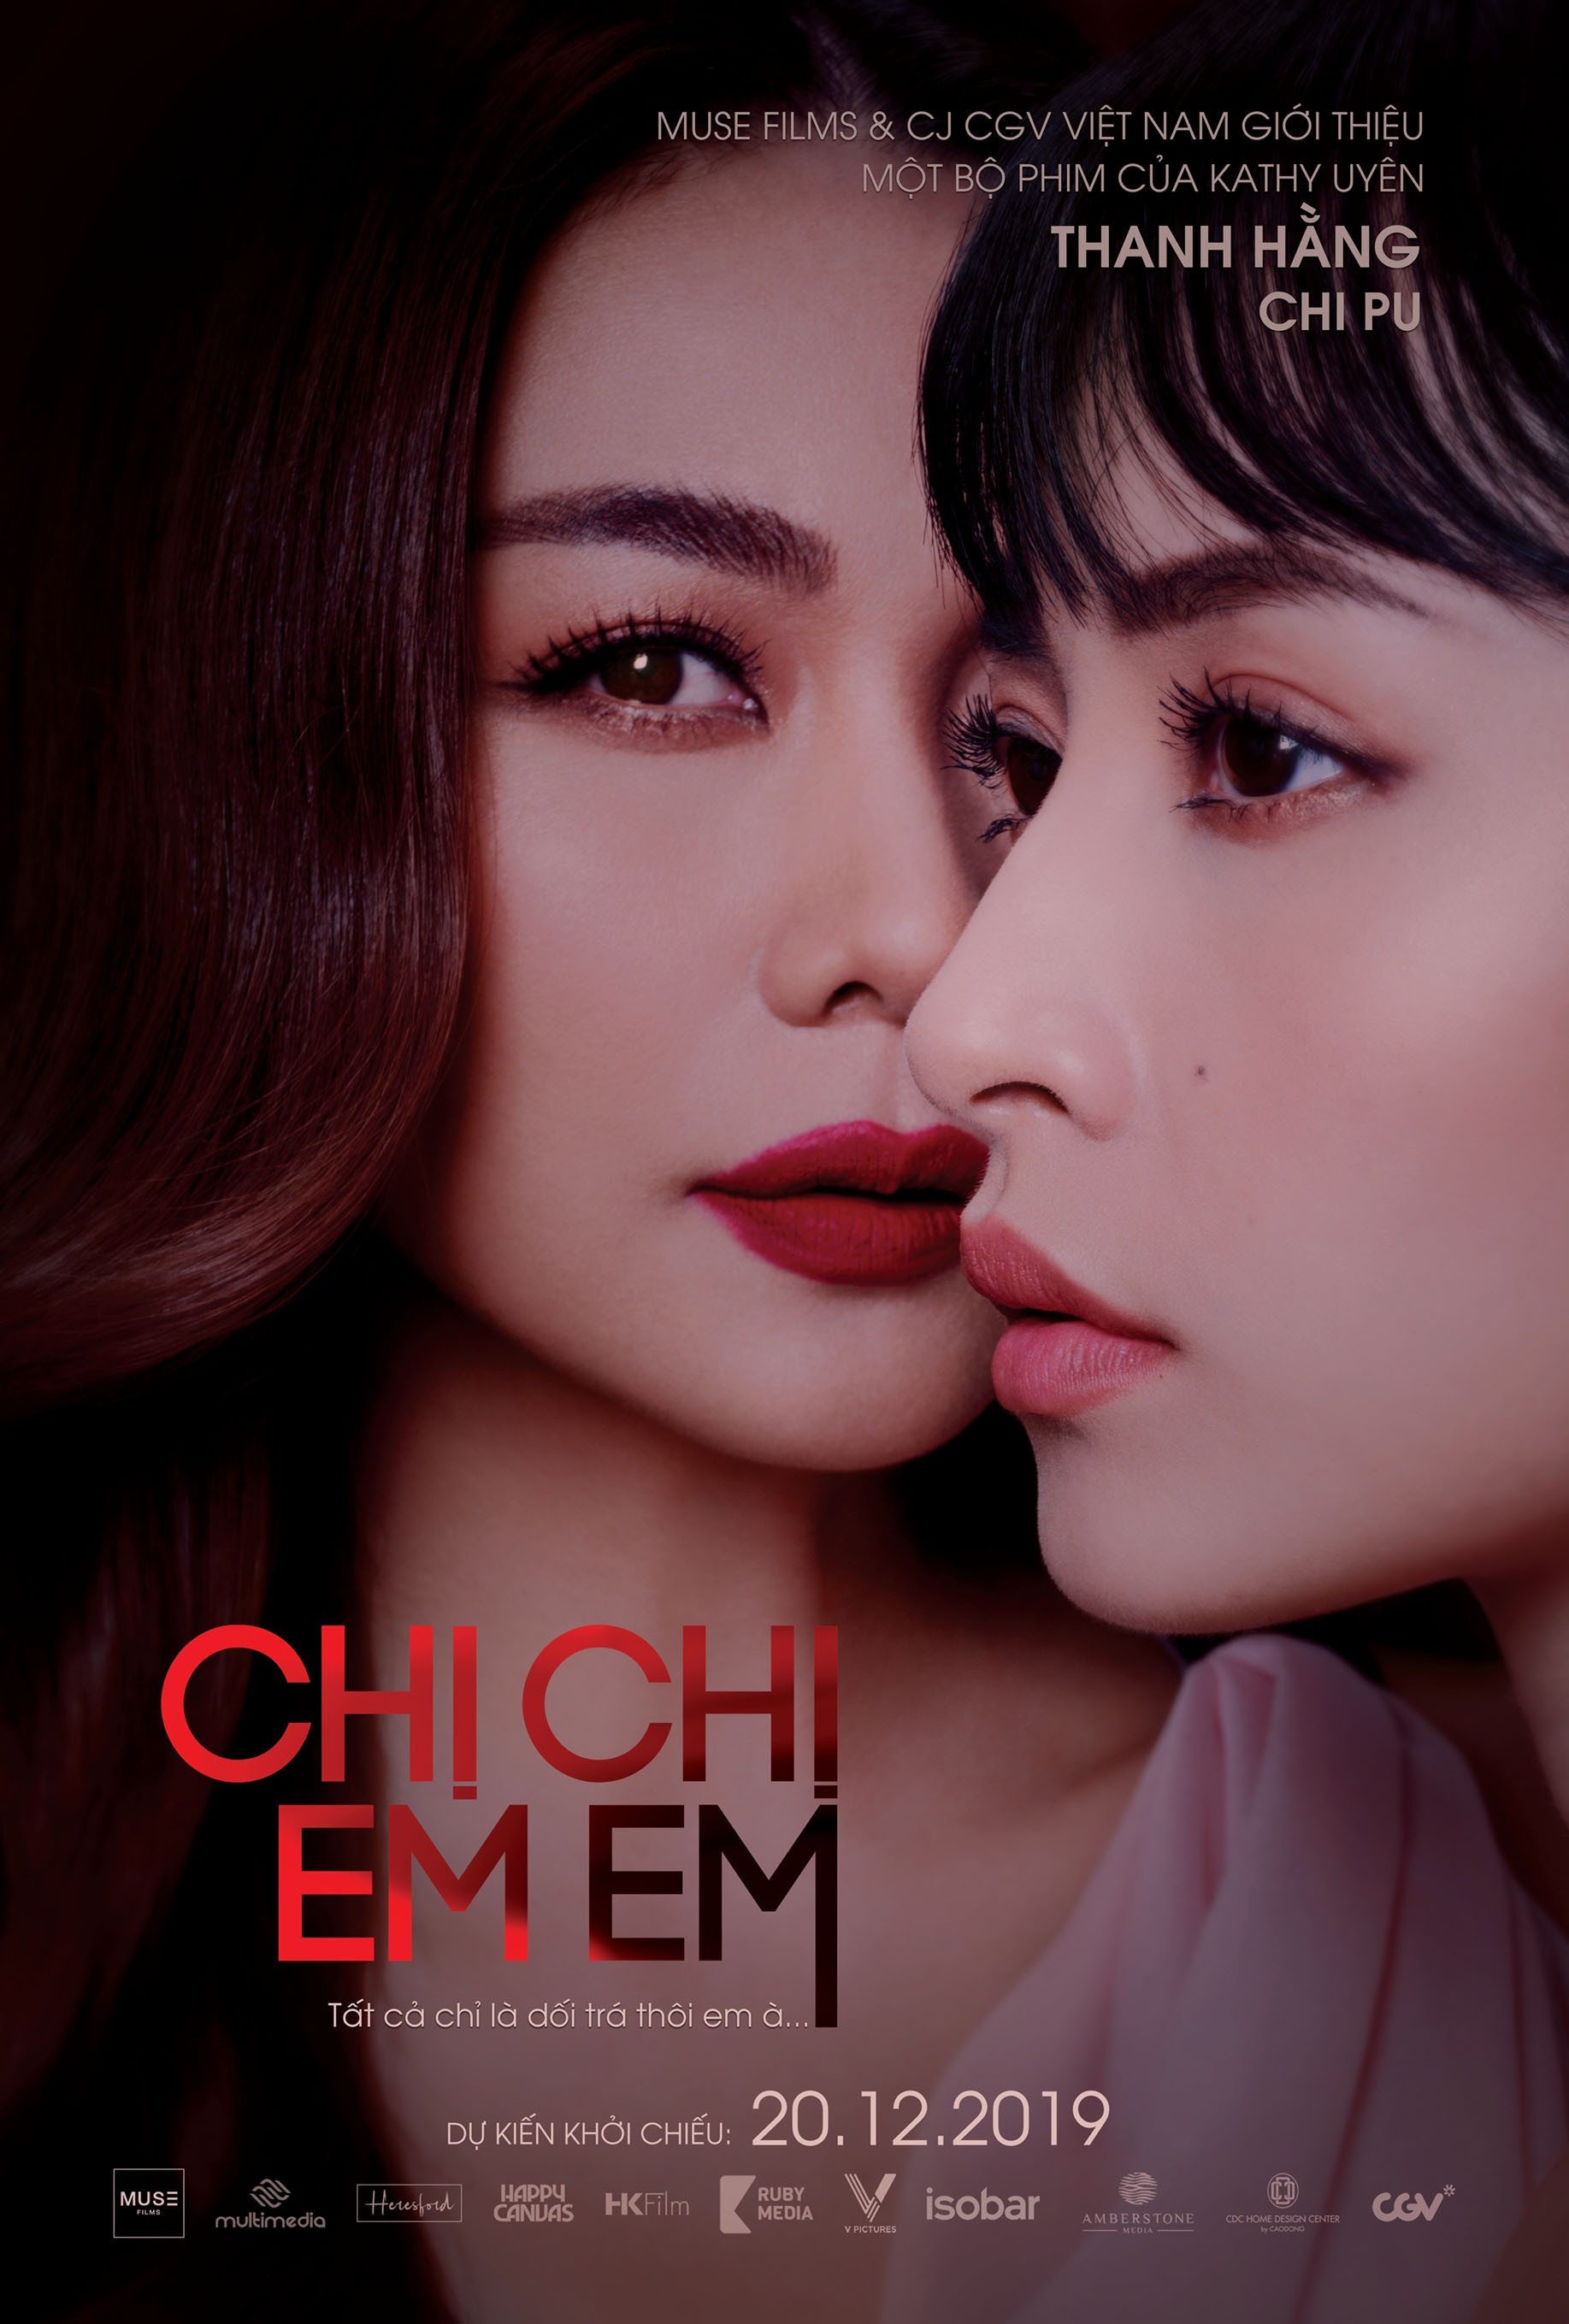 Thanh Hằng và Chi Pu